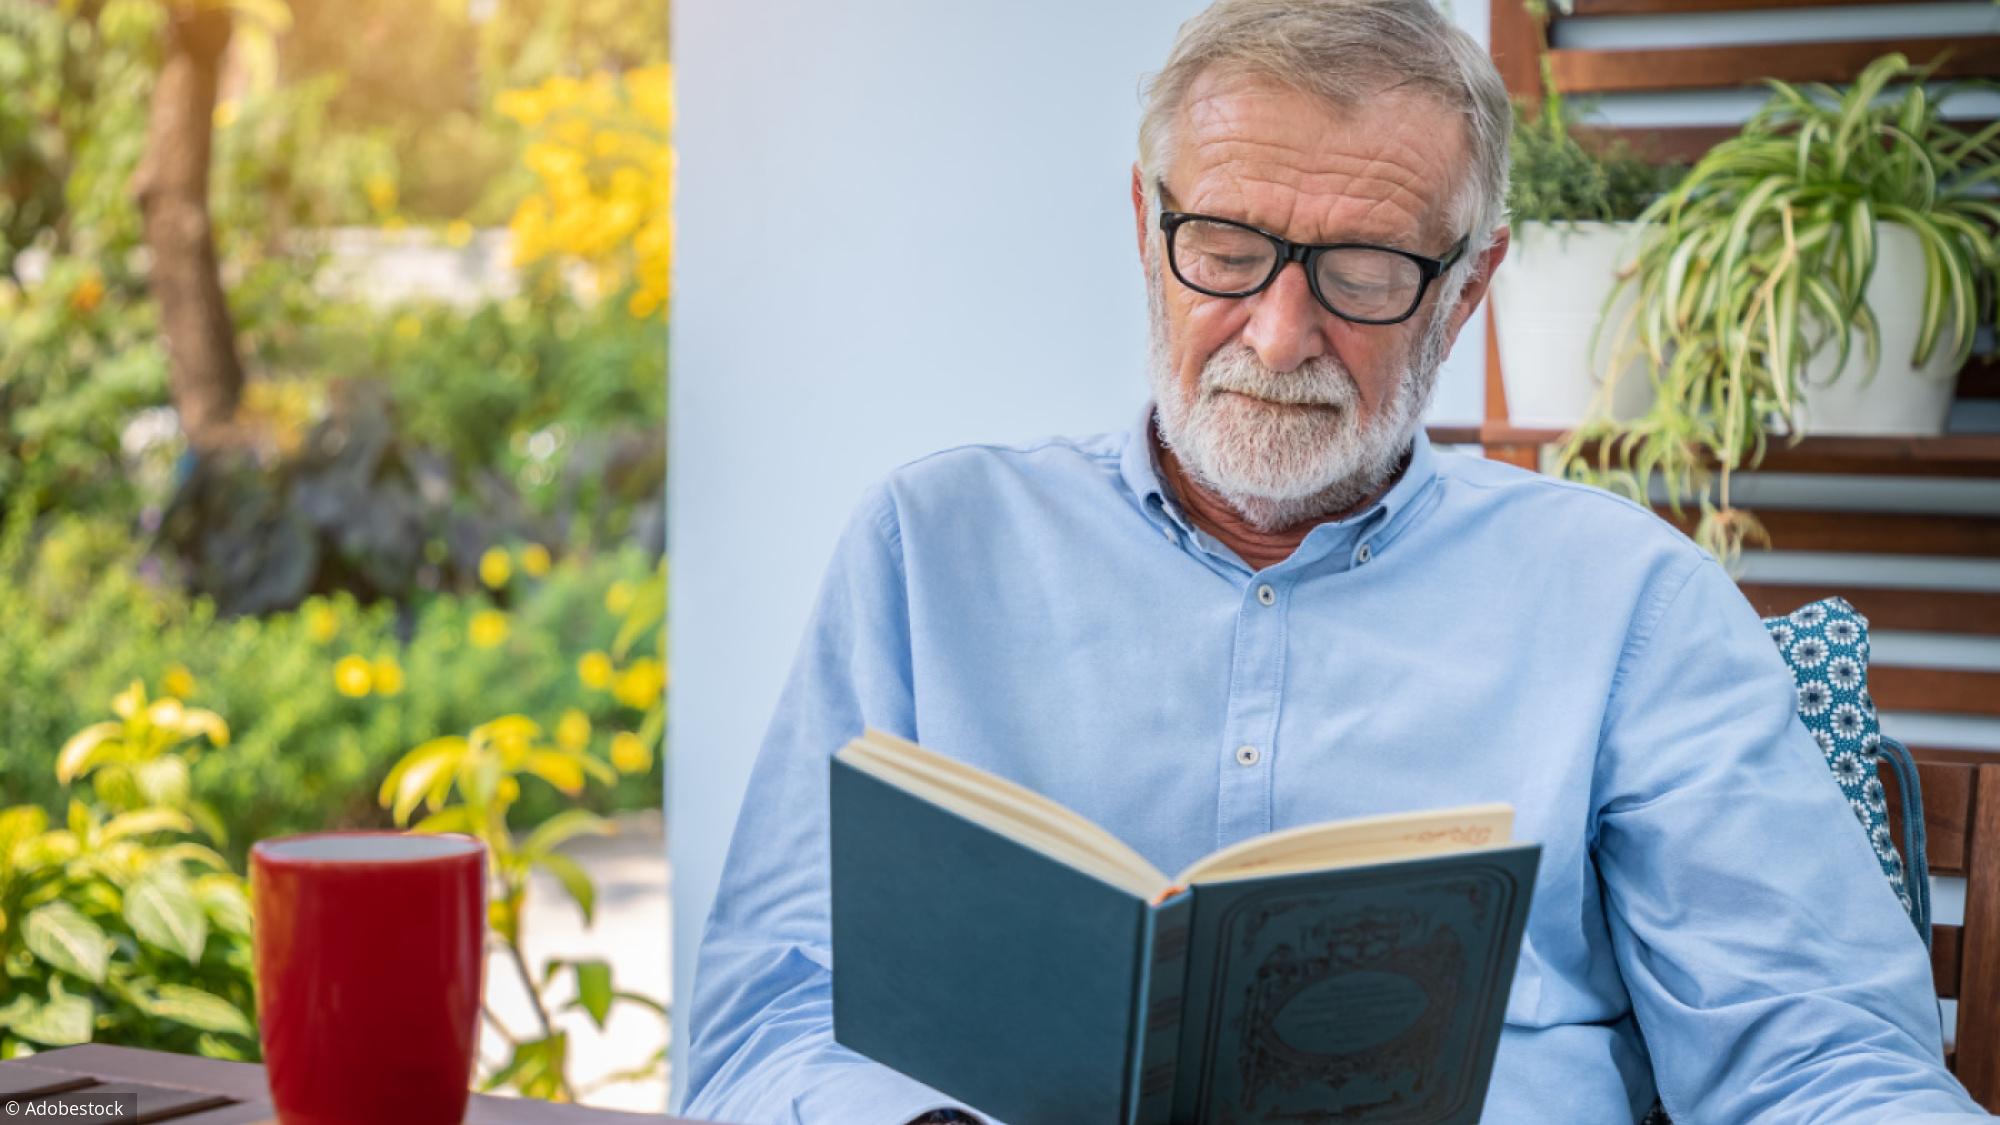 Retraités : comment faire pour vivre une retraite épanouie ?